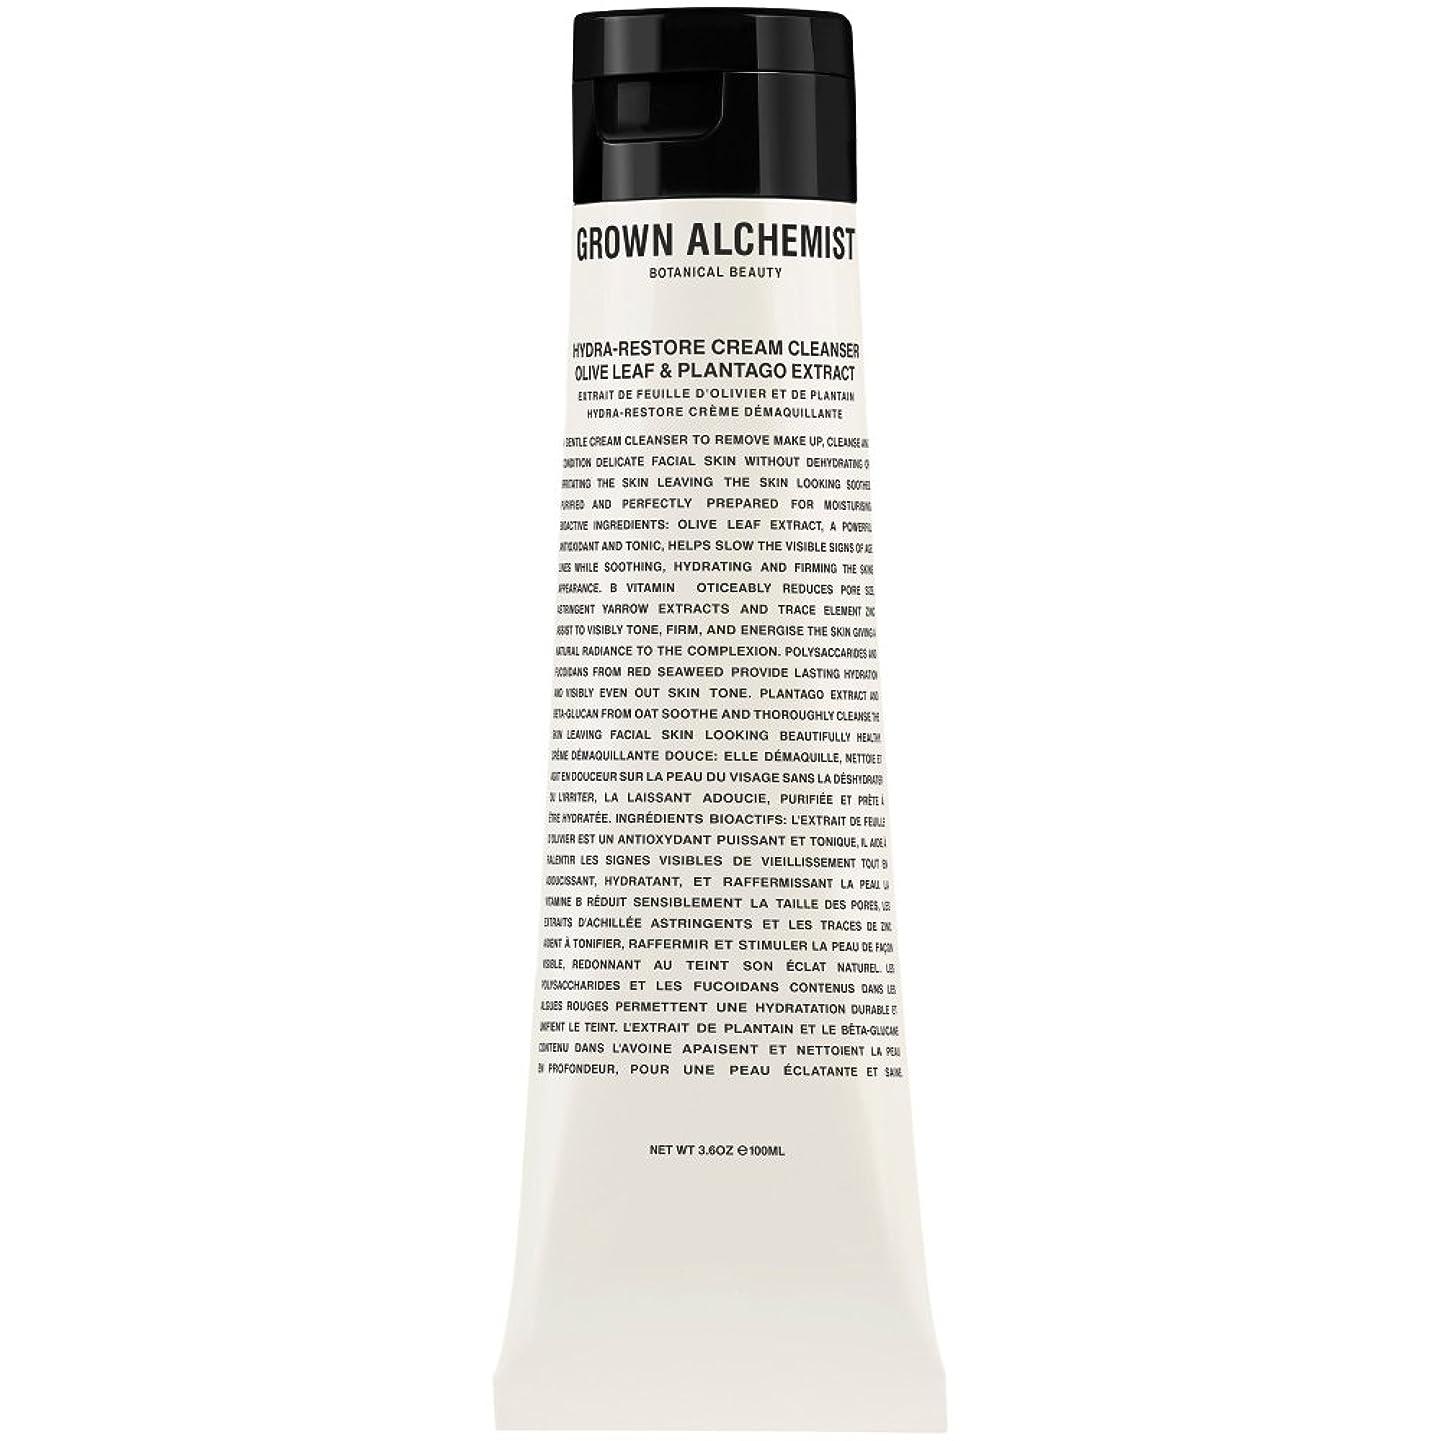 区画ヒョウ後方にオリーブの葉&Plantogoエキス、100ミリリットル:成長した錬金術師クリームクレンザーをヒドラ復元 (Grown Alchemist) (x6) - Grown Alchemist Hydra-Restore Cream Cleanser: Olive Leaf & Plantogo Extract, 100ml (Pack of 6) [並行輸入品]